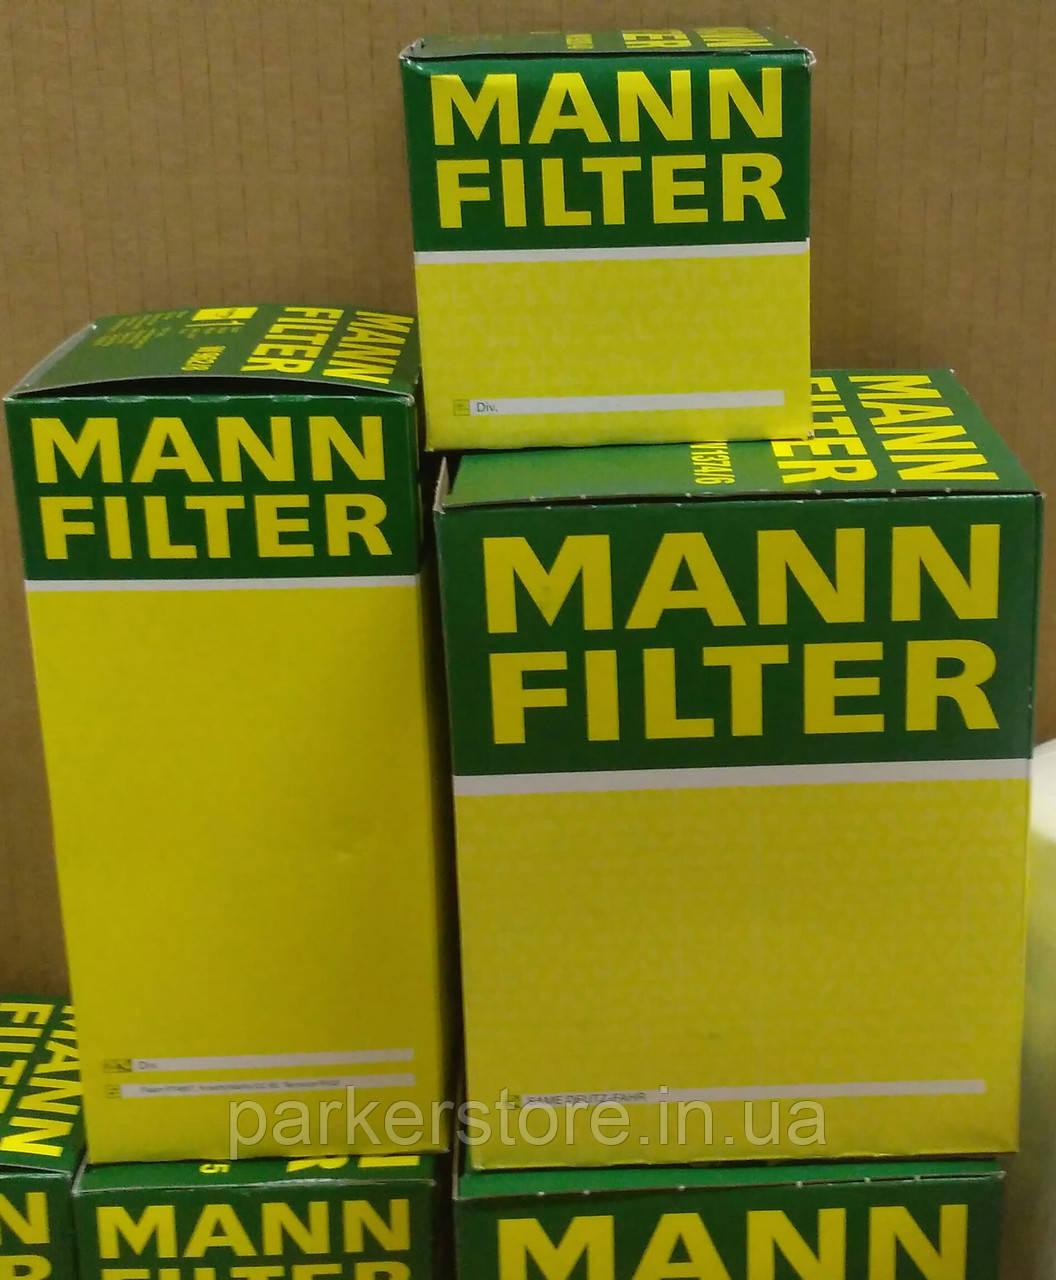 MANN FILTER / Воздушный фильтр / C 31 1238 / C311238